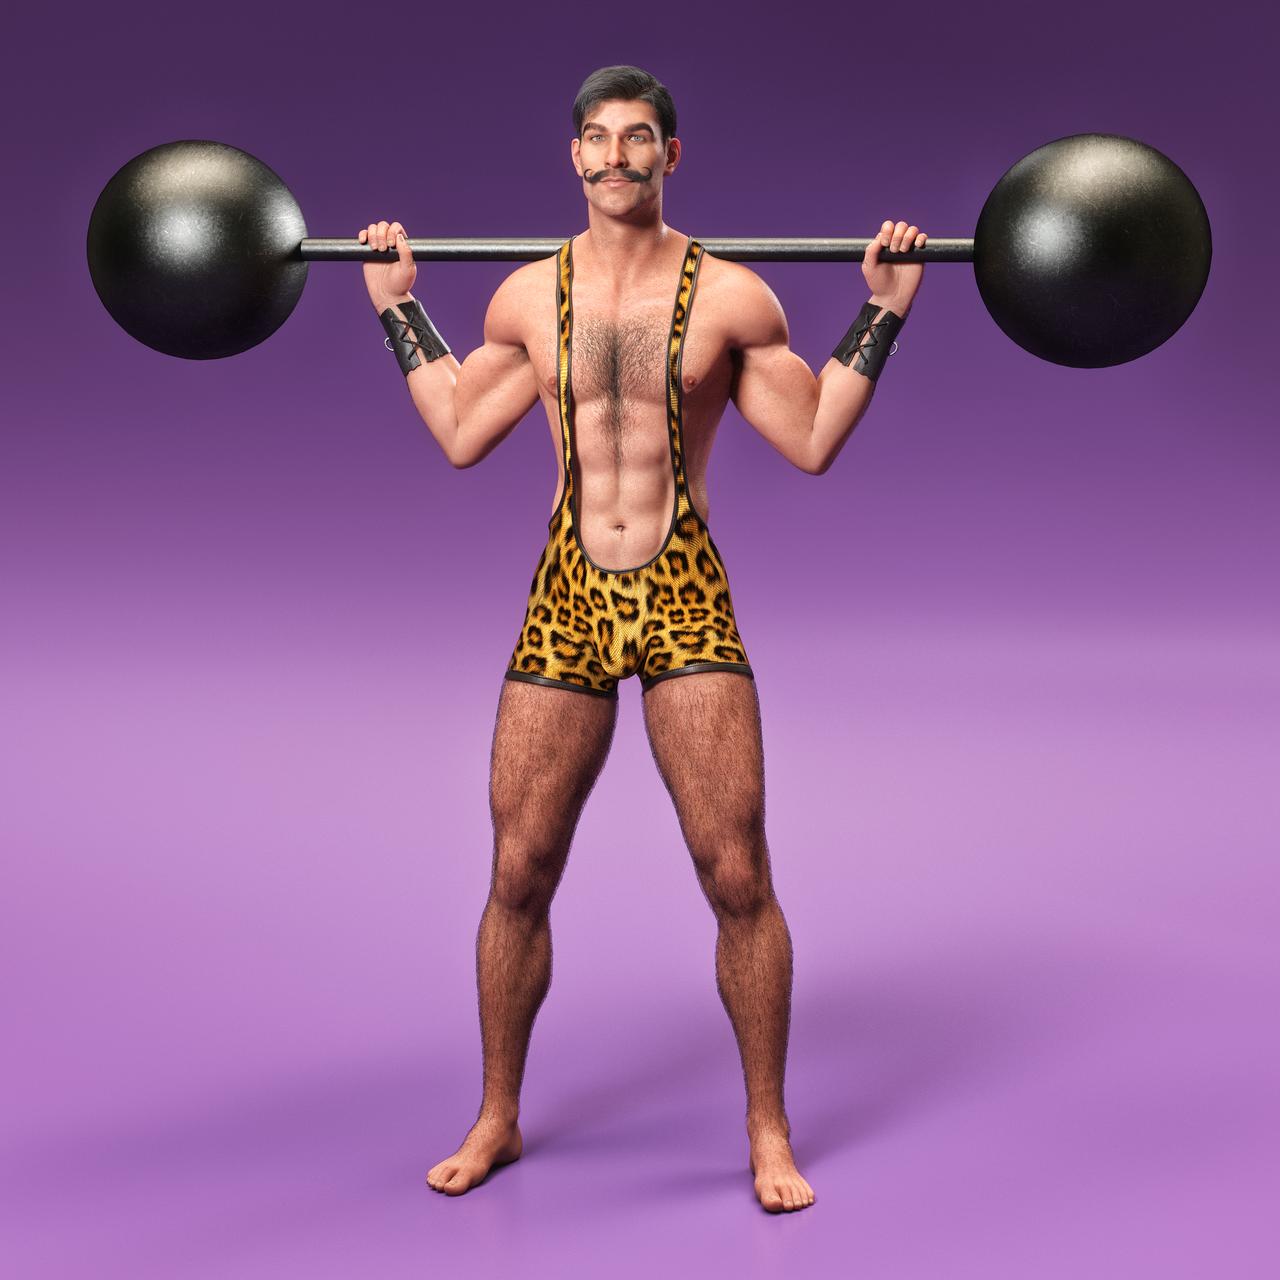 Strongman Alex by tigerste on DeviantArt